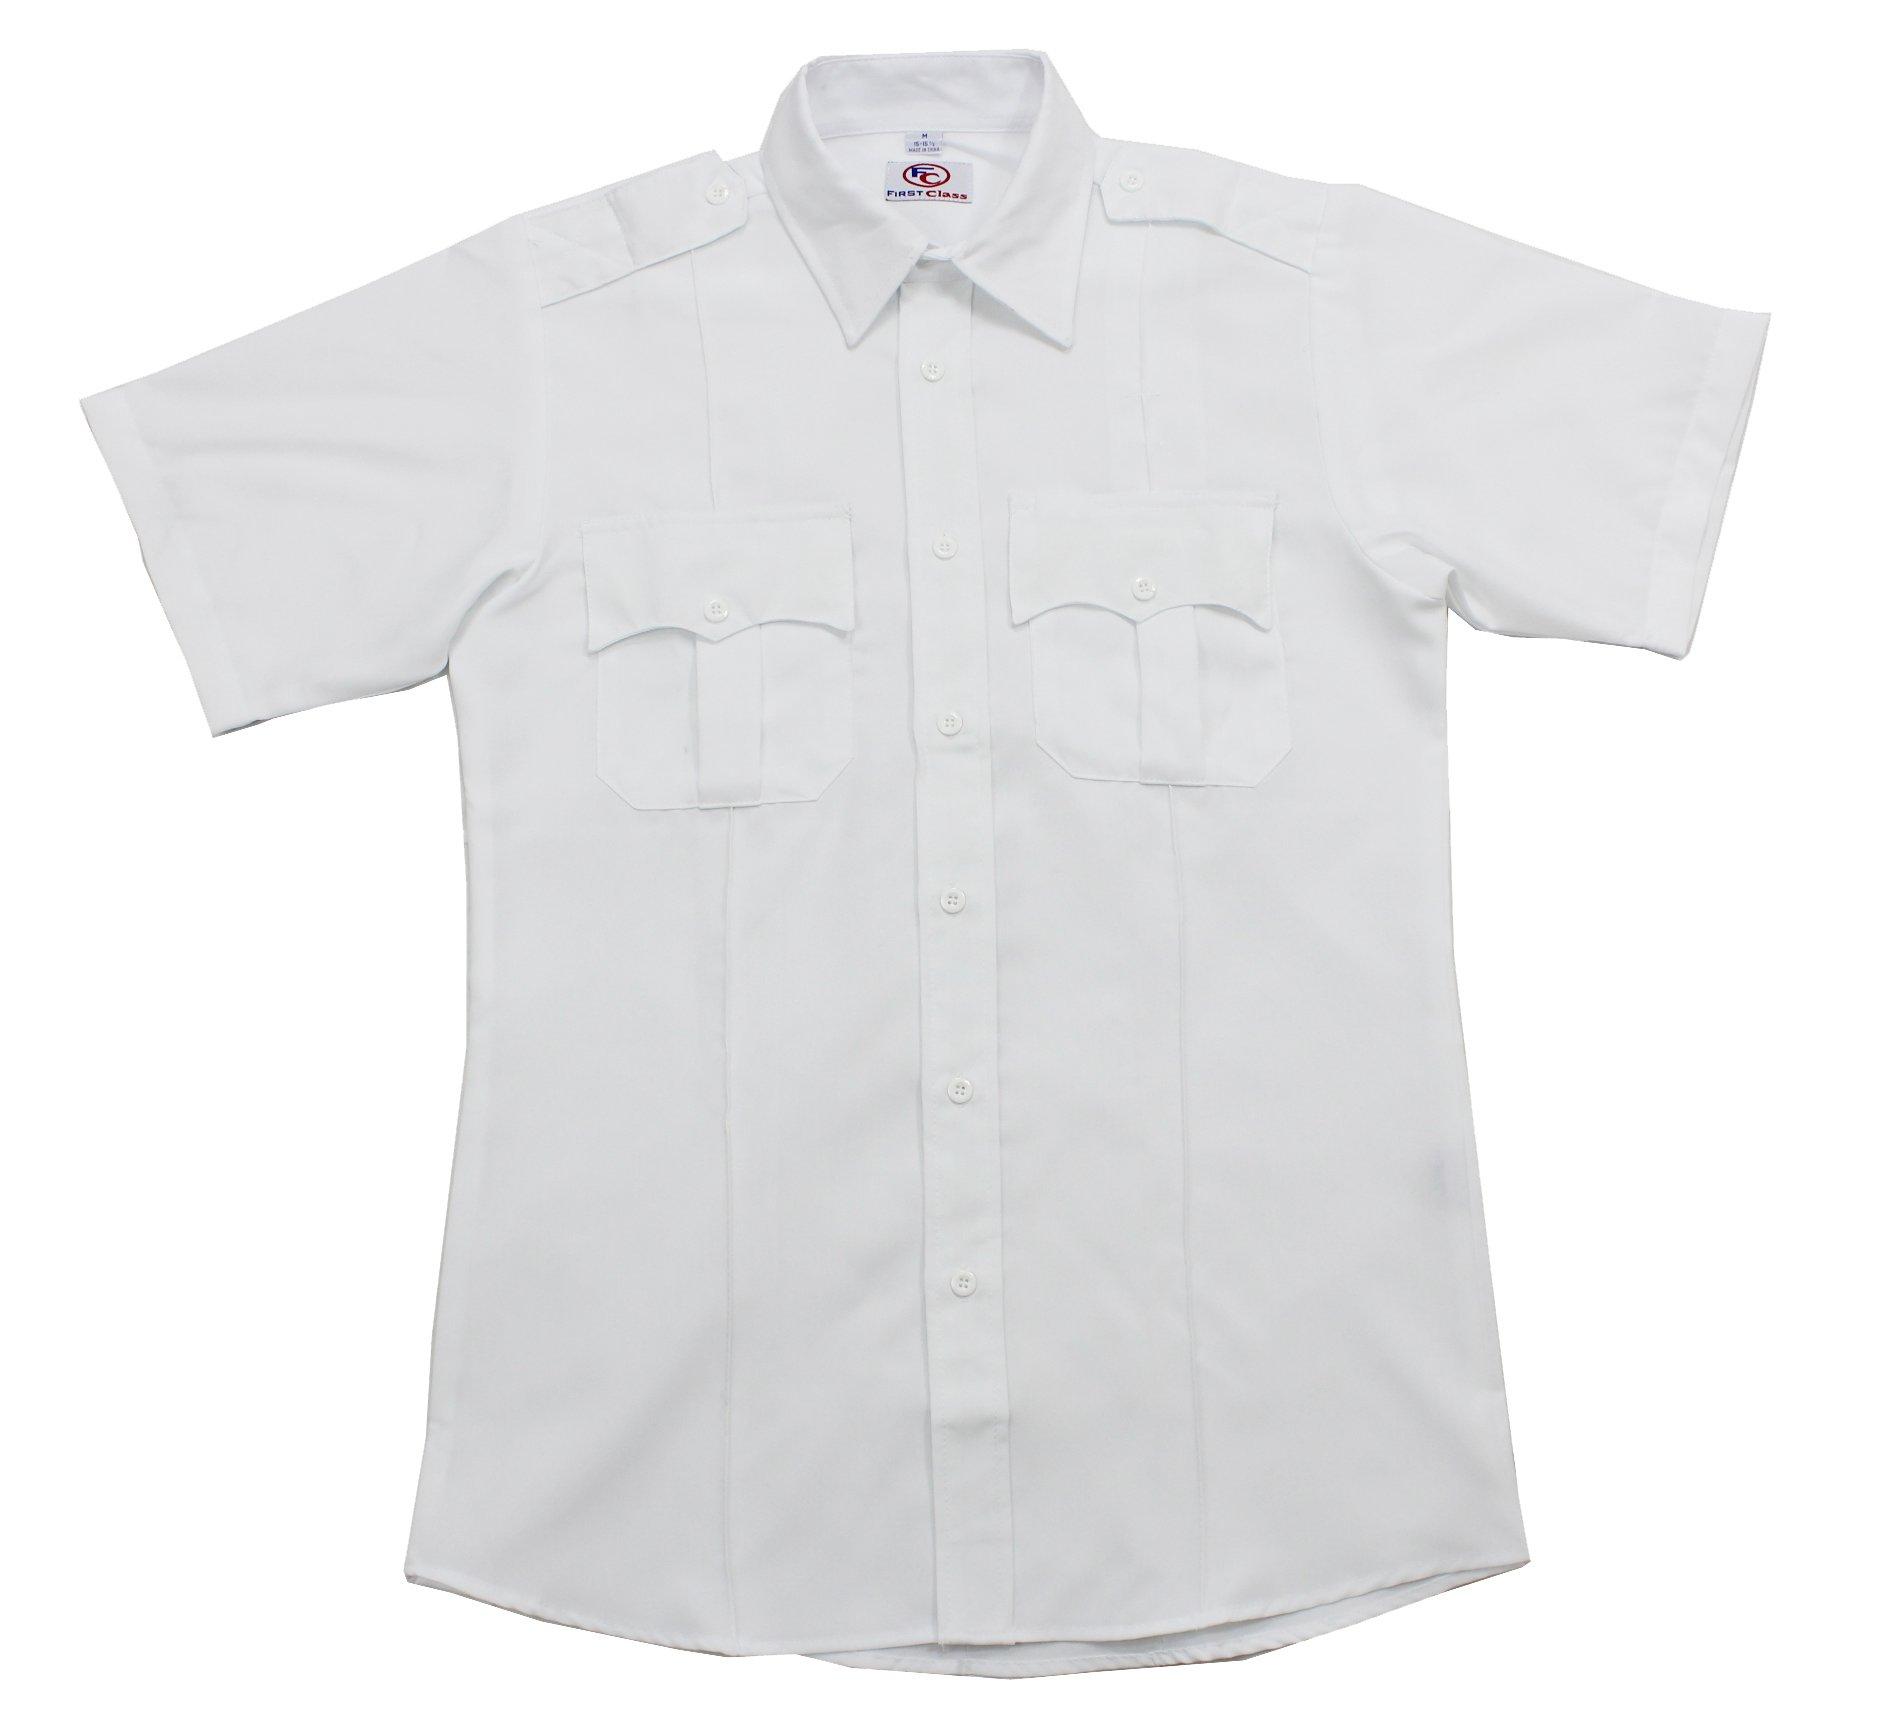 First Class Short Sleeve Uniform Shirt S White